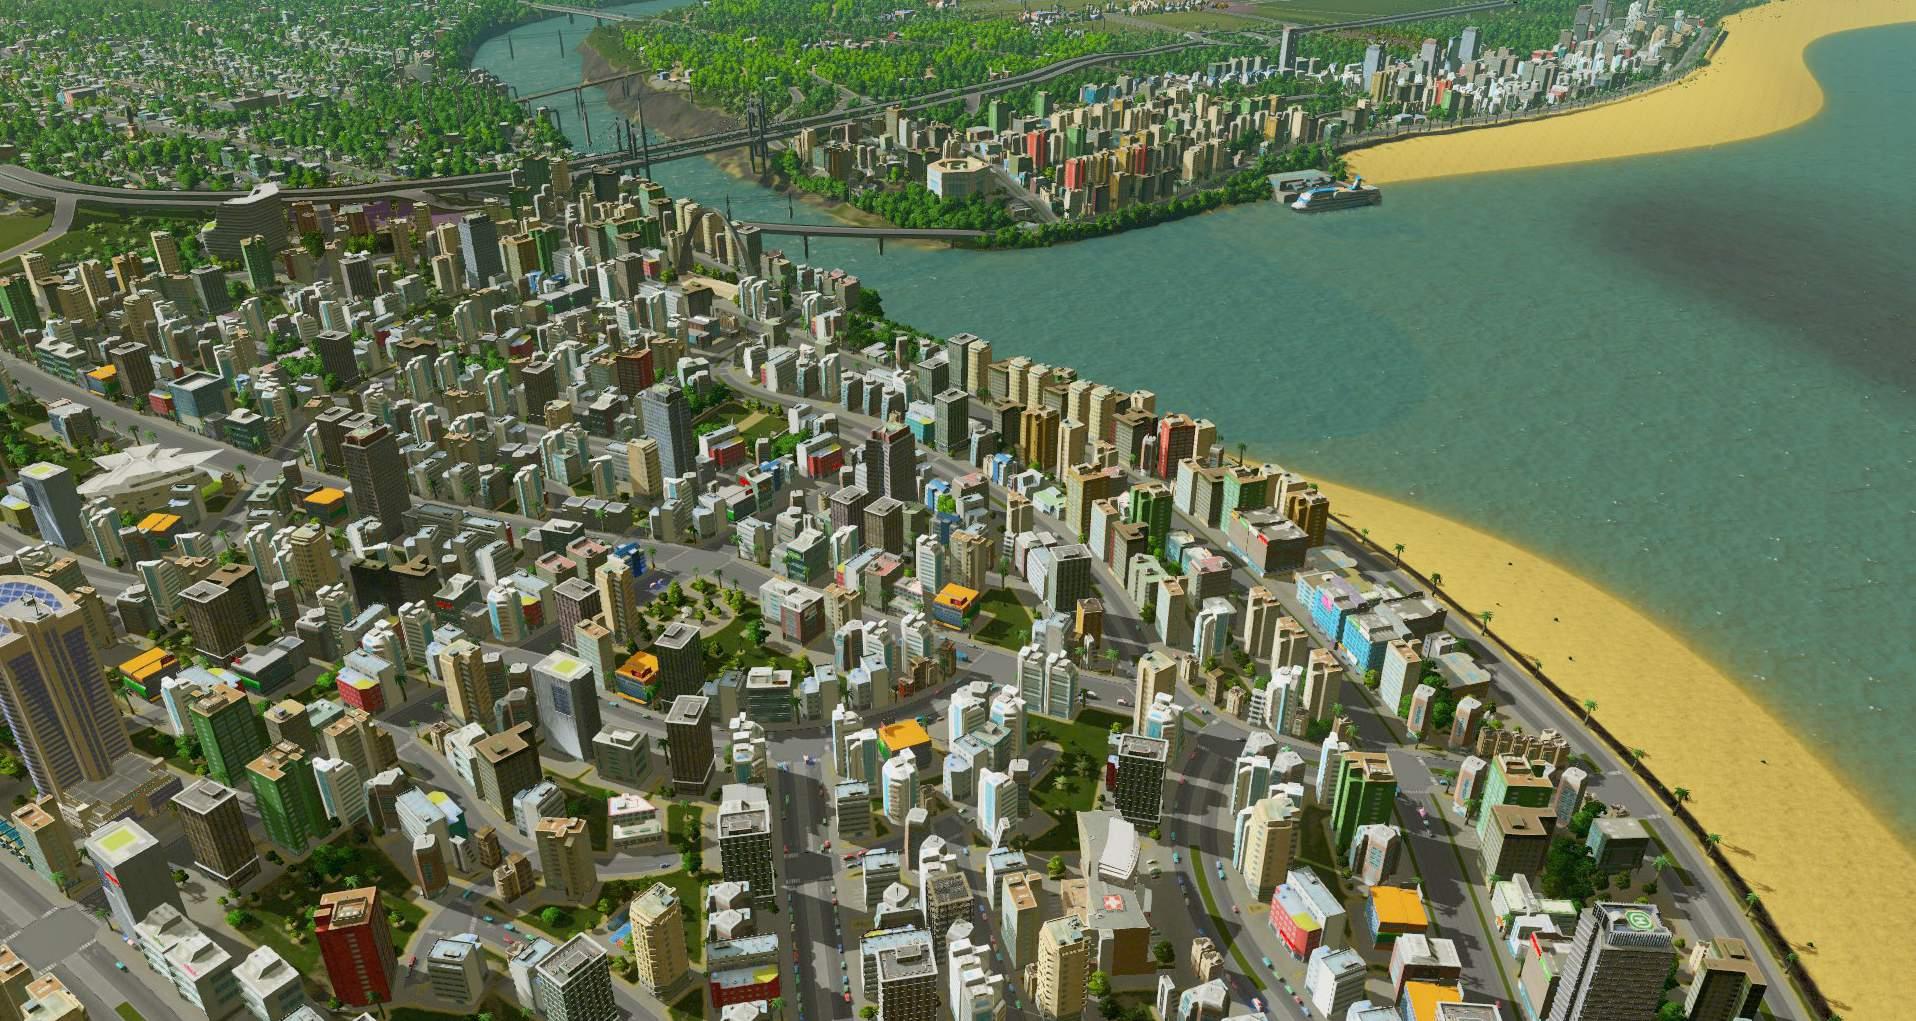 17 - Cities: Skylines